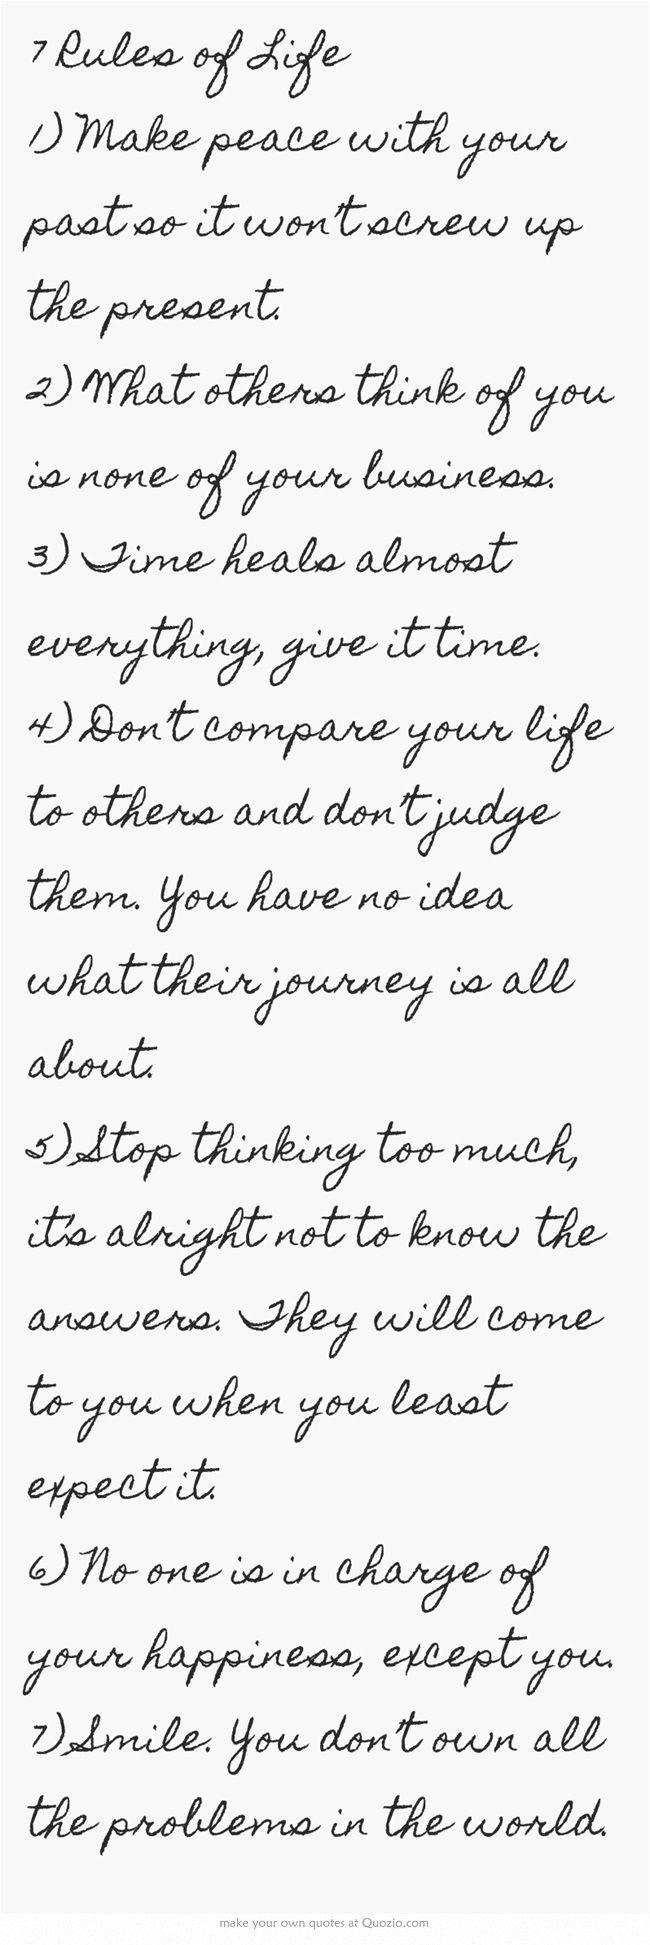 good advice.....